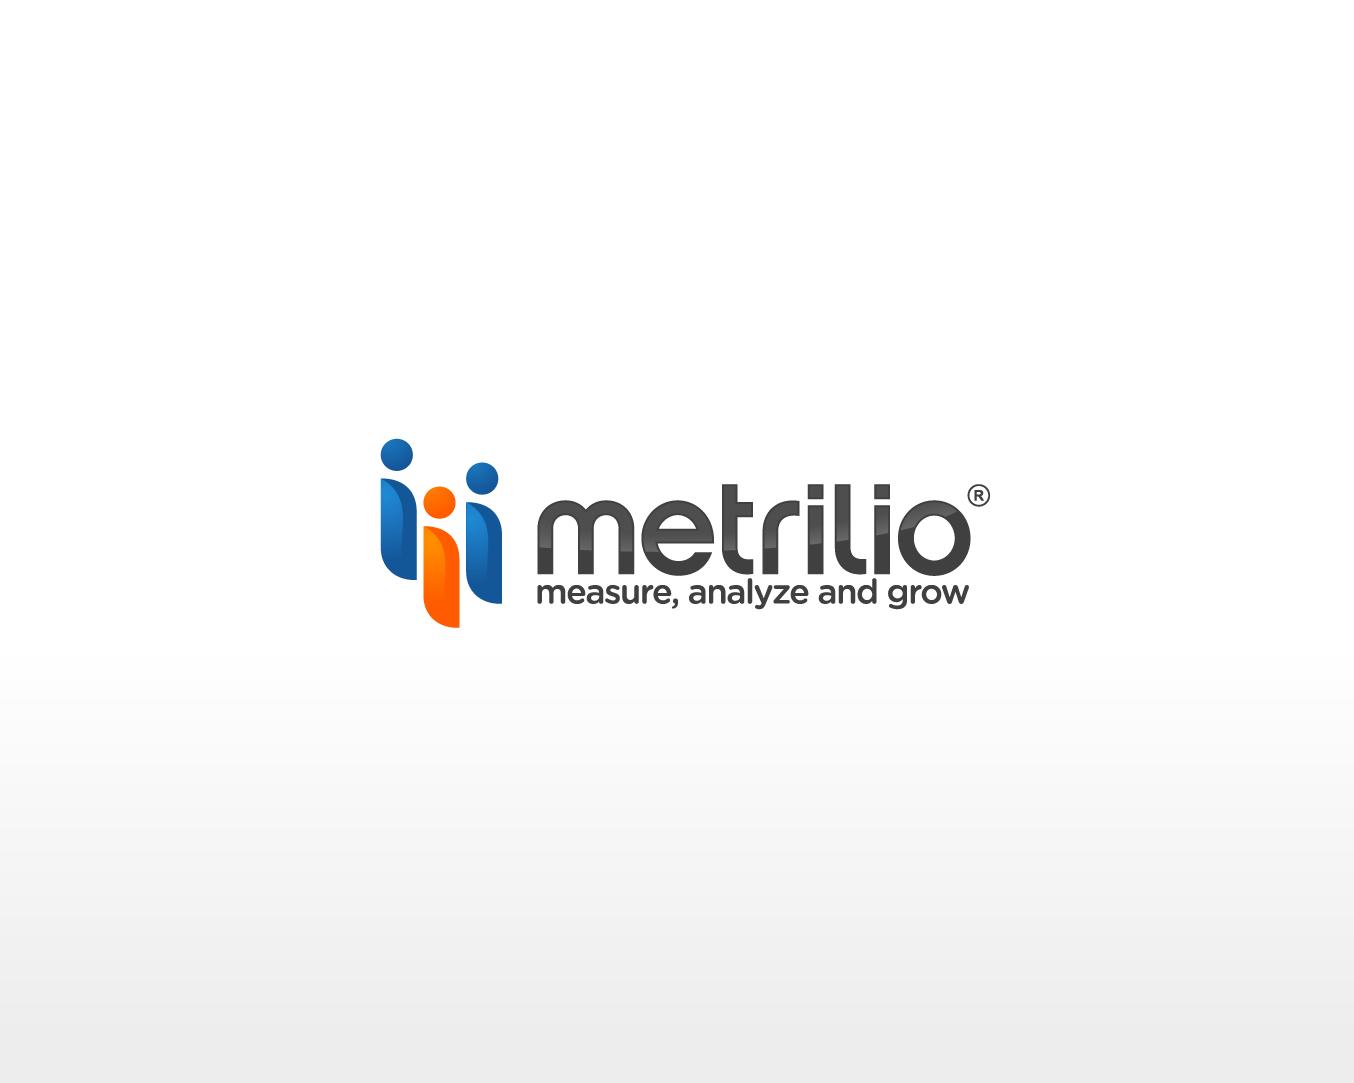 logo for metrilio